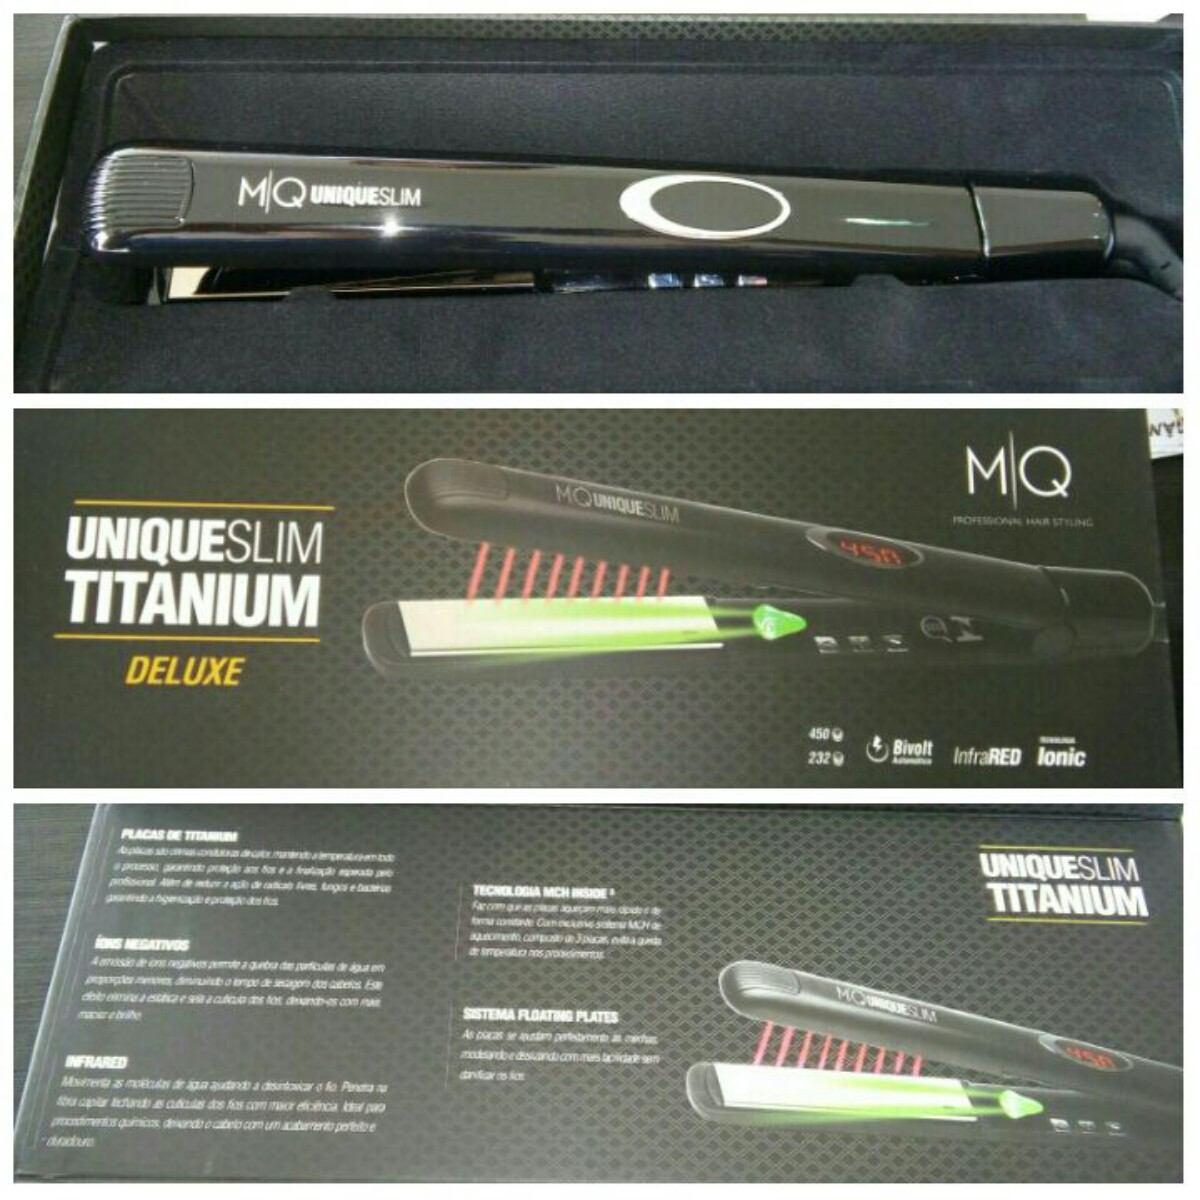 f2df648c8 Mq Professional Prancha Unique Titanium Deluxe Bivolt - R$ 450,00 em ...